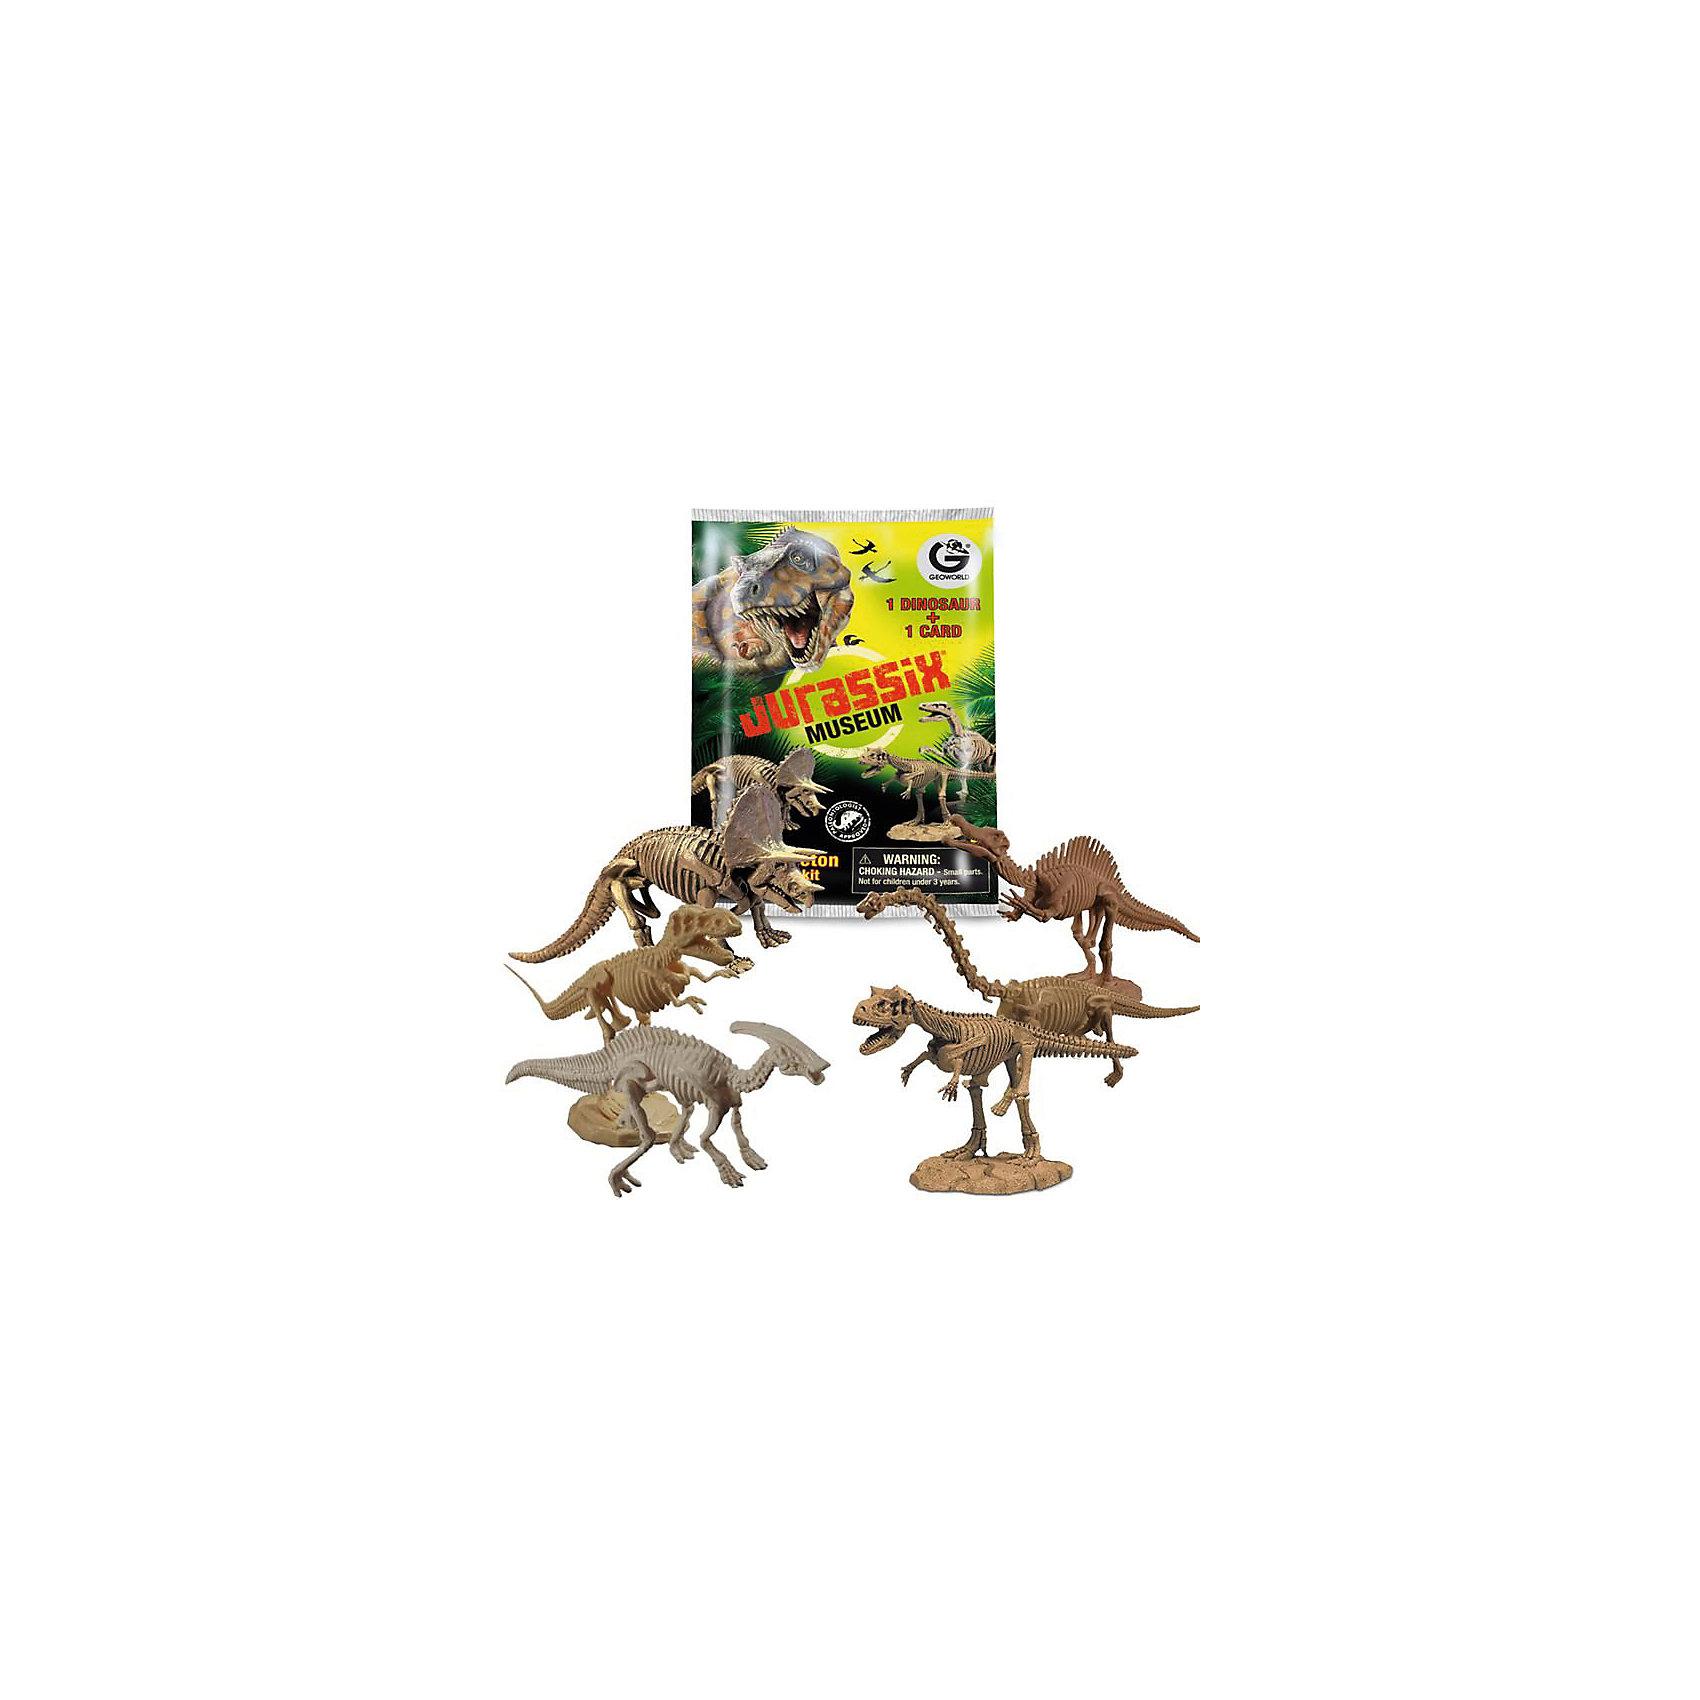 Сборная минимодель Скелет динозавра, в ассортиментеНаборы для раскопок<br>Характеристики товара:<br><br>• цвет: коричневый<br>• материал: пластик<br>• размер упаковки: 10х2х15 см<br>• комплектация: детали фигурки, буклет с информацией<br>• упаковка: пакет<br>• возраст: от трех лет<br>• страна производства: Италия<br><br>Такая натуралистичная модель не только отлично смотрится, она очень похожа на настоящего динозавра! Сборка модели поможет ребенку получить представление о строении динозавтров. С ней можно придумать множество игр! В дополнение к игрушке идет буклет с подробной информацией об этом виде динозавра.<br>Такие красивые сборные модели помогают привить детям любовь к учебе. Изделие произведено из качественных и безопасных для ребенка материалов. Игра с такой моделью помогает развить мышление ребенка, аккуратность, внимательность, мелкую моторику и воображение.<br><br>Сборную минимодель Скелет динозавра, в ассортименте, можно купить в нашем интернет-магазине.<br><br>Ширина мм: 100<br>Глубина мм: 20<br>Высота мм: 150<br>Вес г: 50<br>Возраст от месяцев: 72<br>Возраст до месяцев: 168<br>Пол: Унисекс<br>Возраст: Детский<br>SKU: 5260375